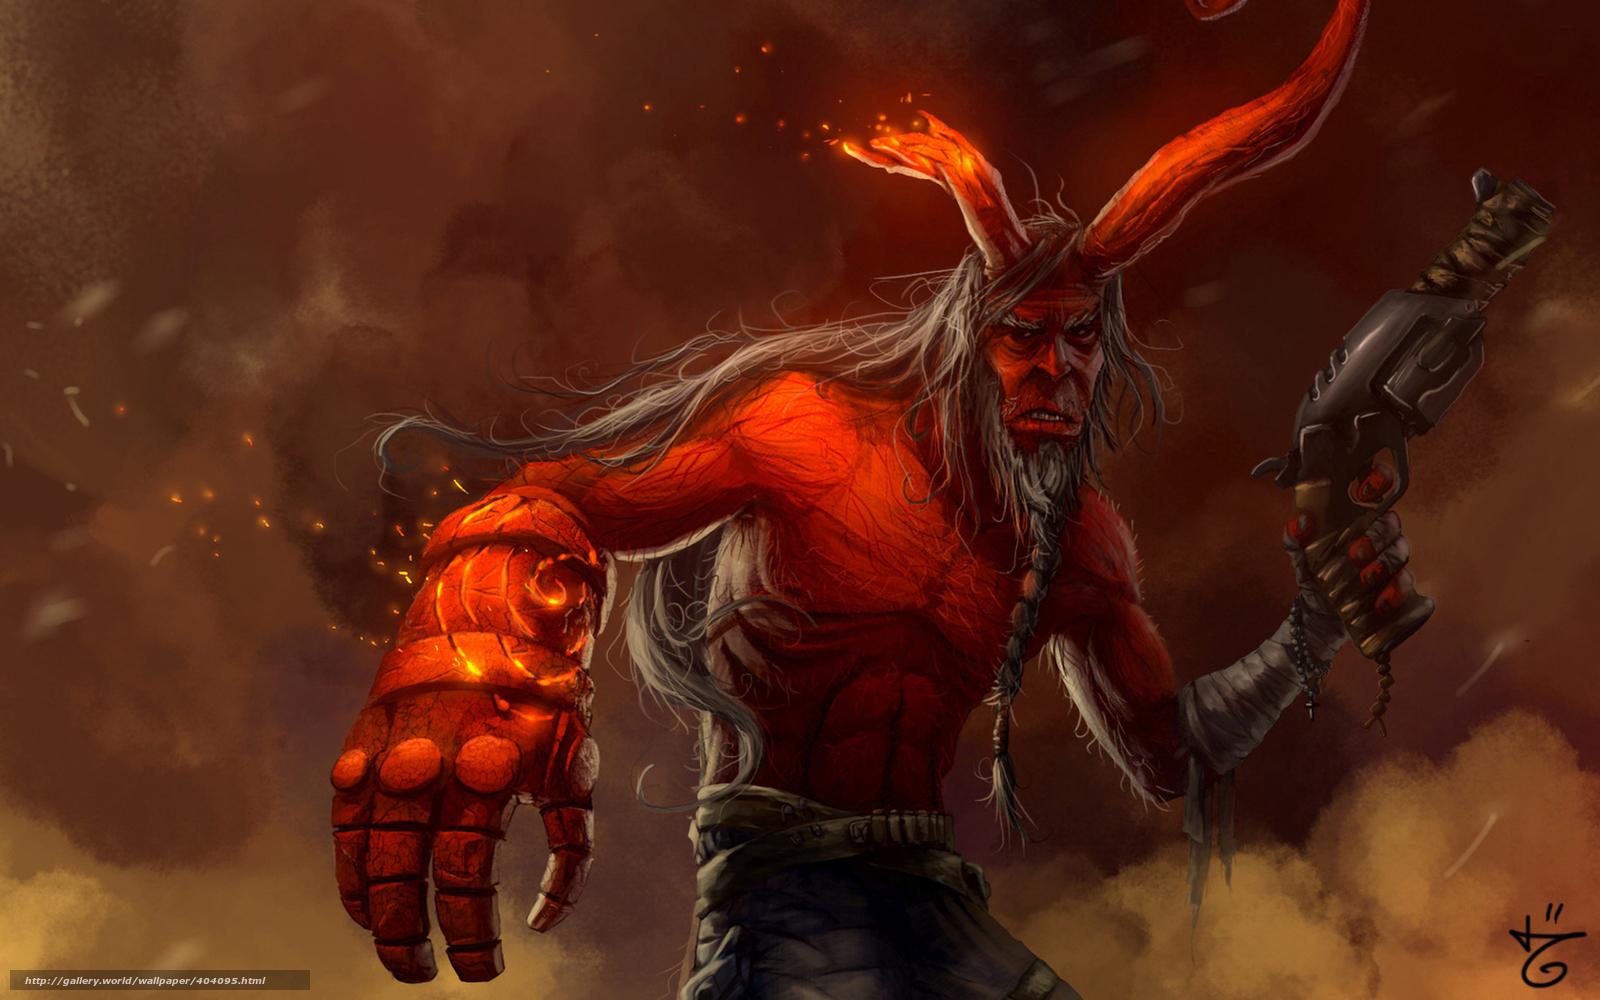 Скачать обои демон,  красный,  искры,  пистолет бесплатно для рабочего стола в разрешении 1680x1050 — картинка №404095